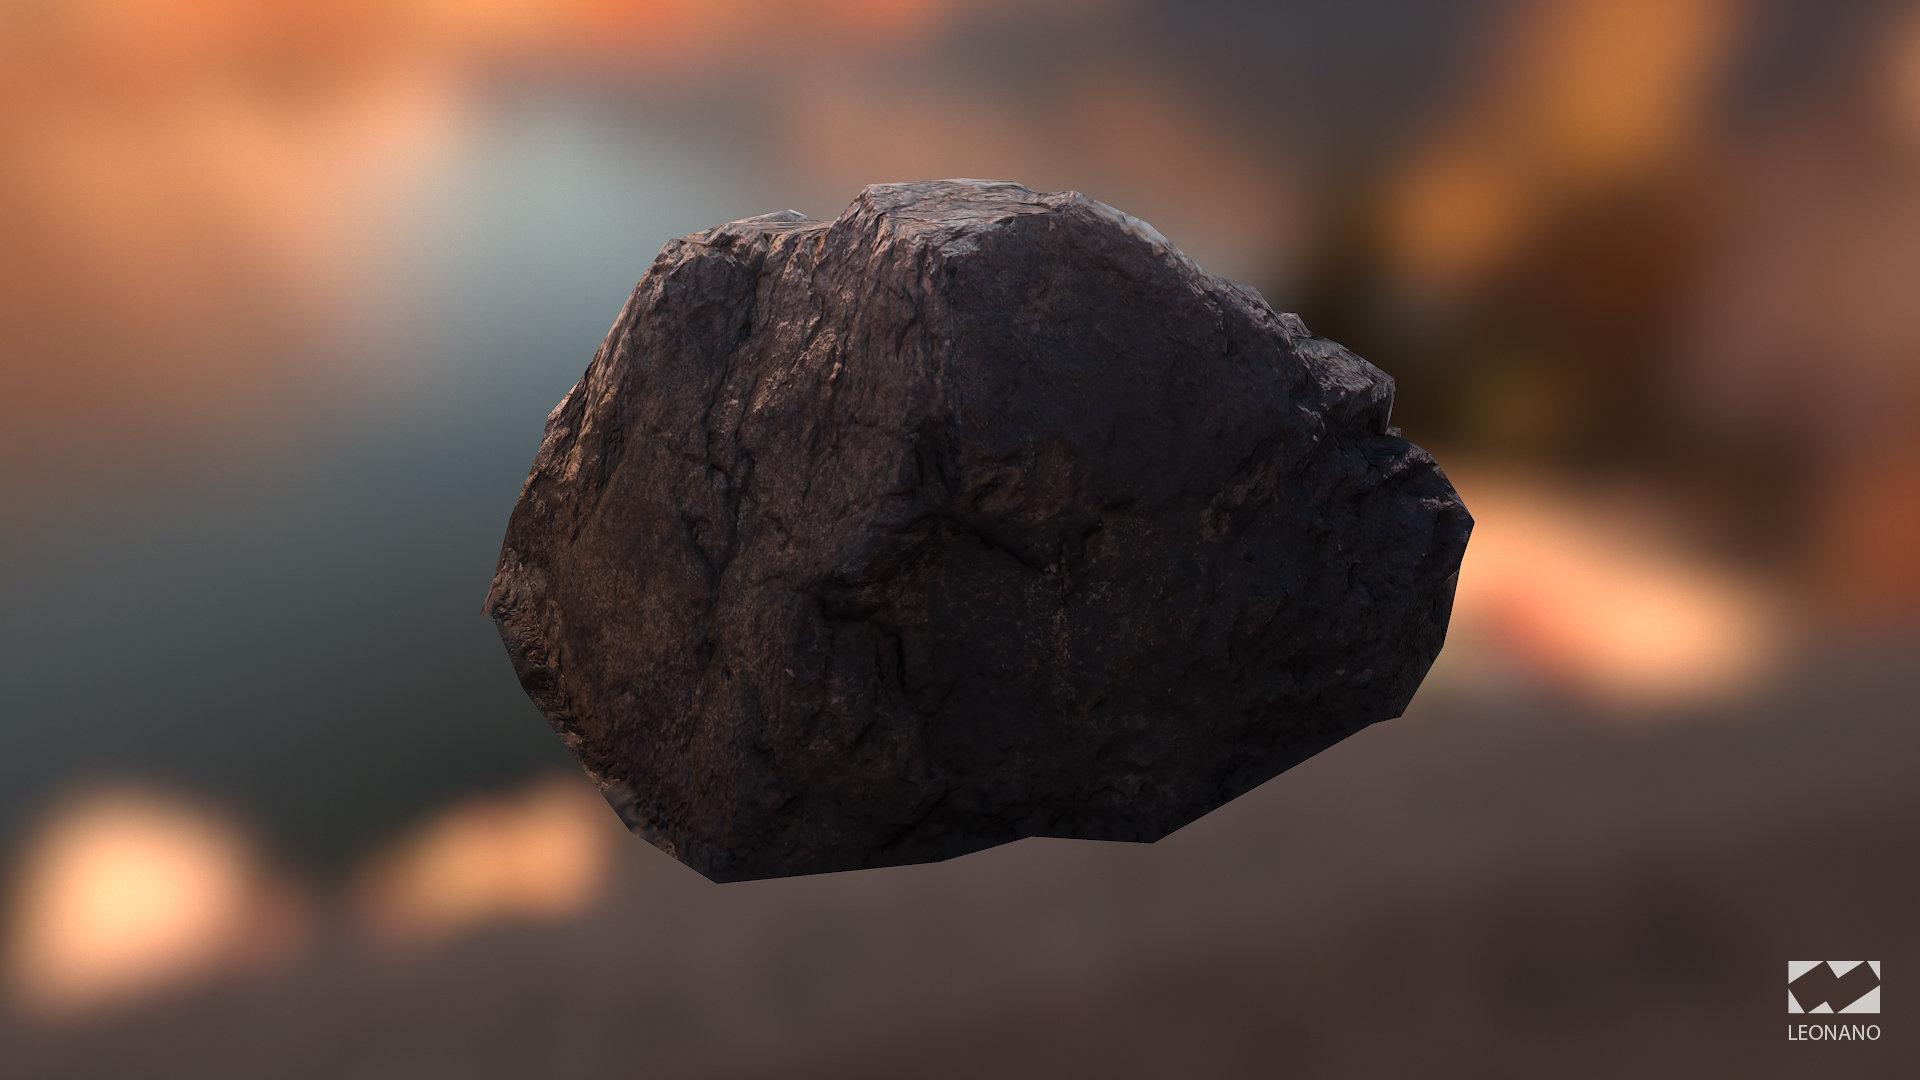 Leonardo iezzi searock2 output 004